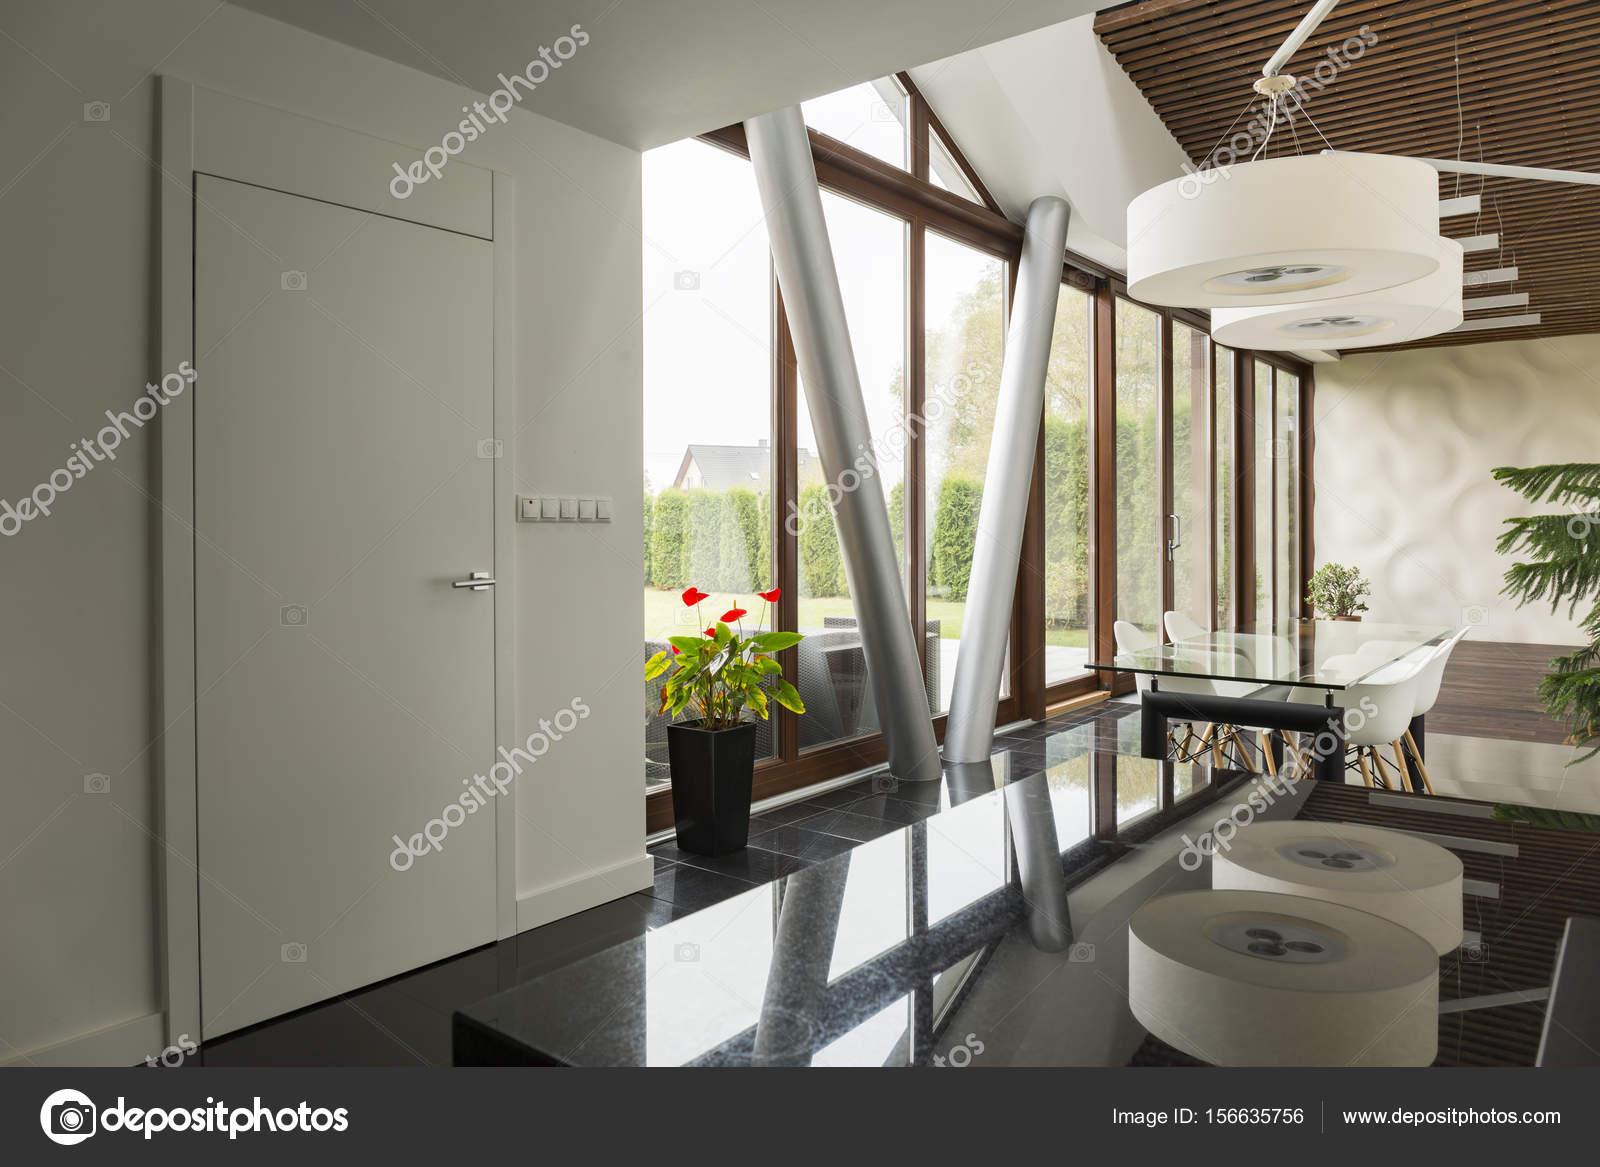 Küche mit Speisesaal — Stockfoto © photographee.eu #156635756